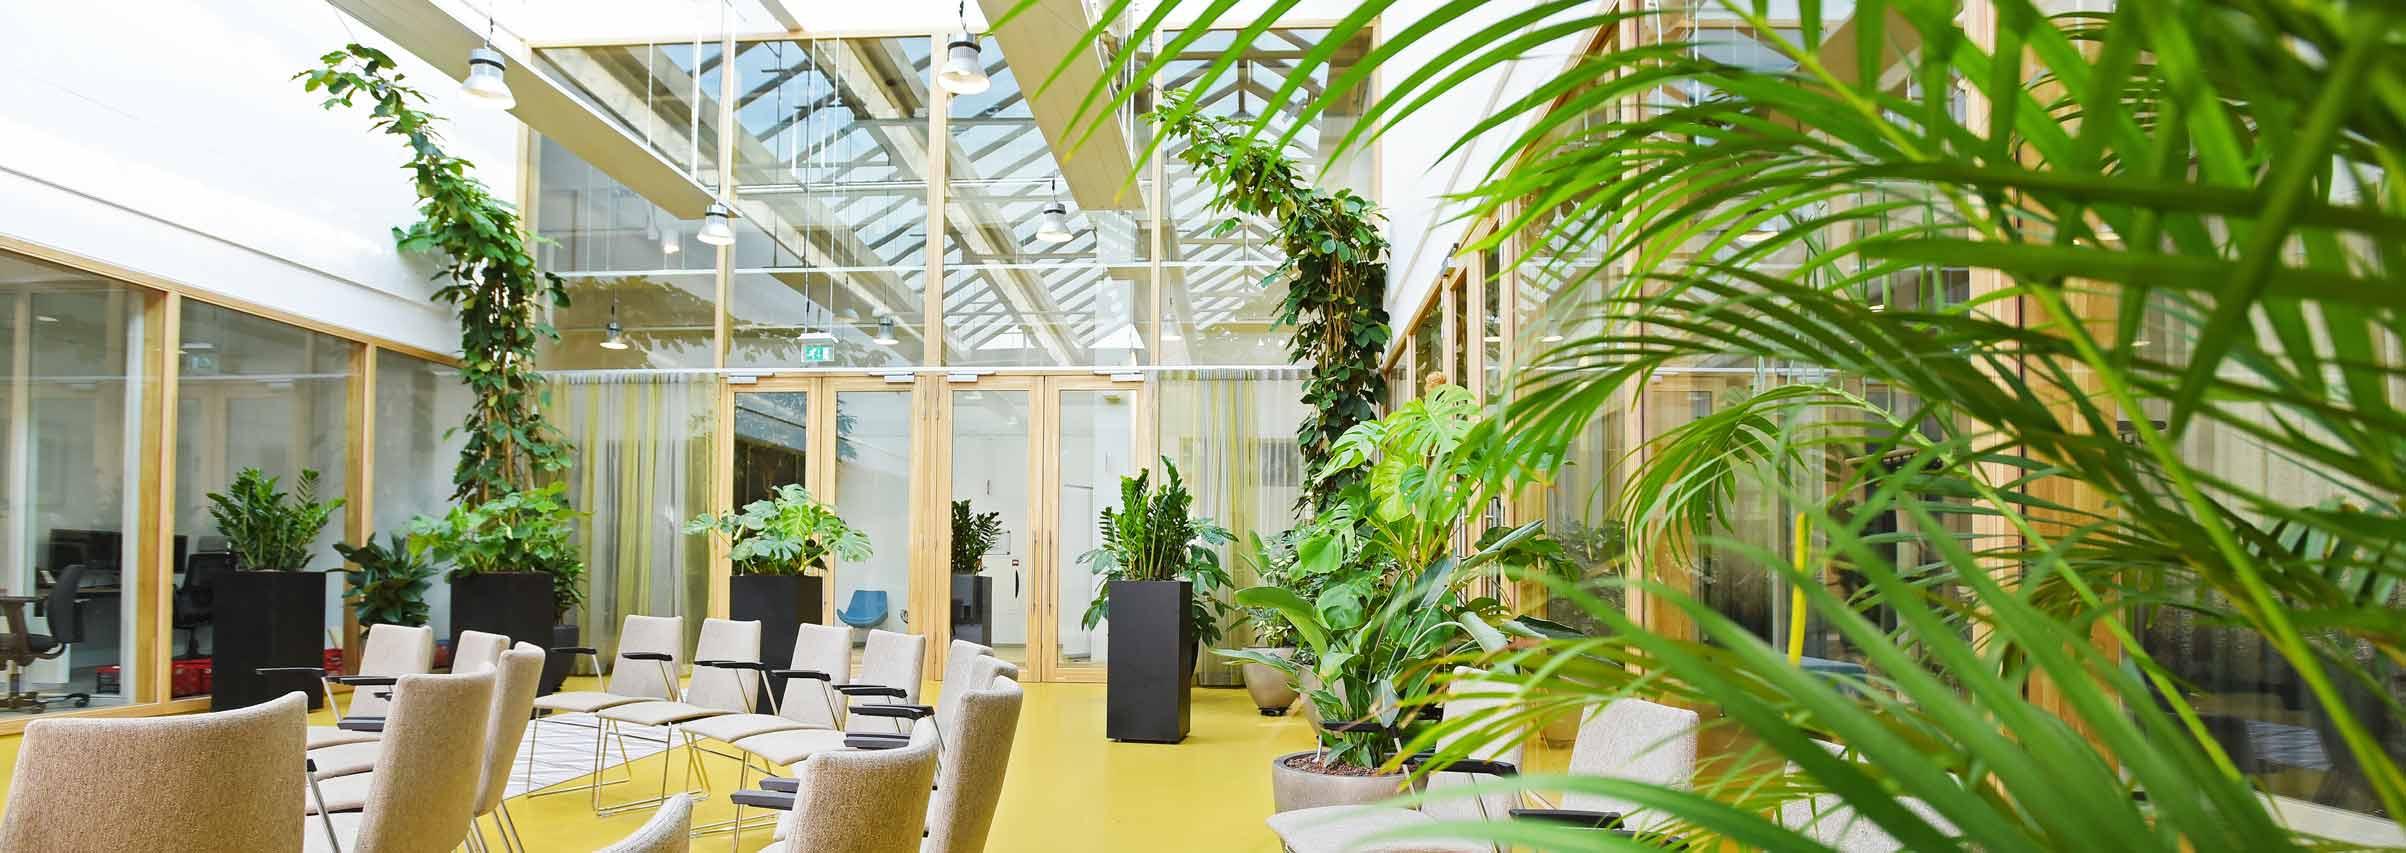 Interieurbeplanting-kantoor.jpg